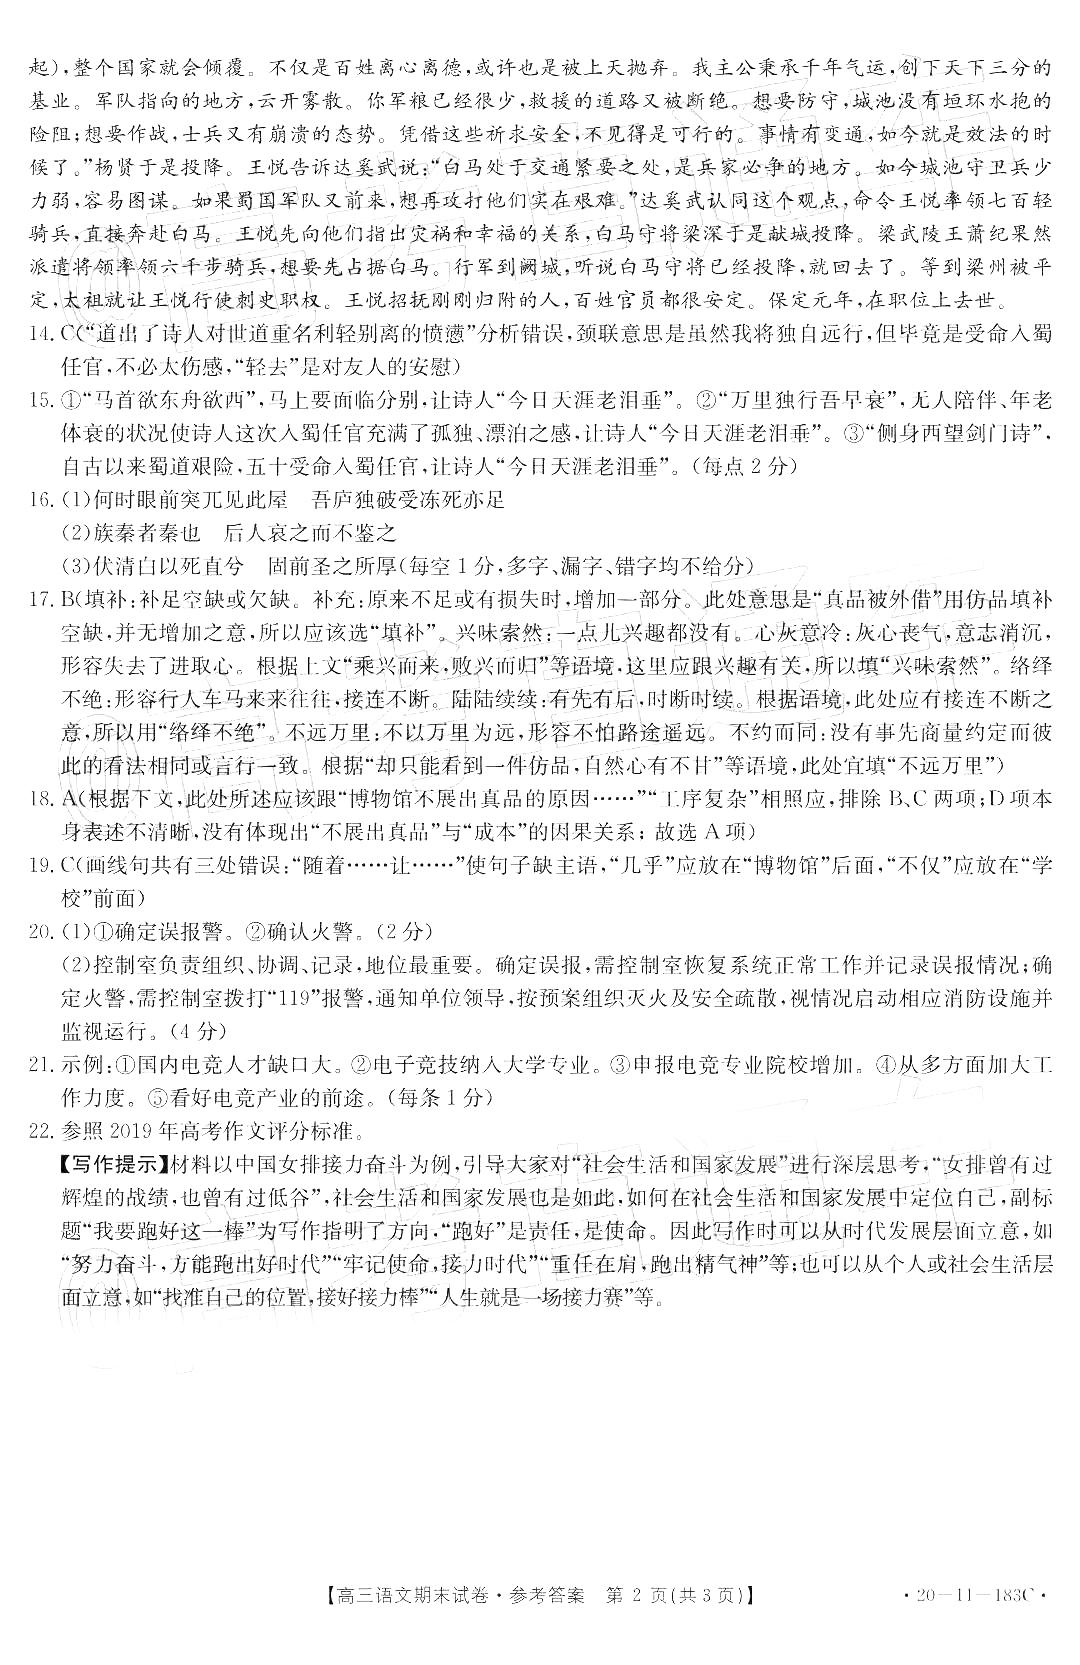 2020届陕西省高三一模(20-11-183C)语文试题参考答案出炉!